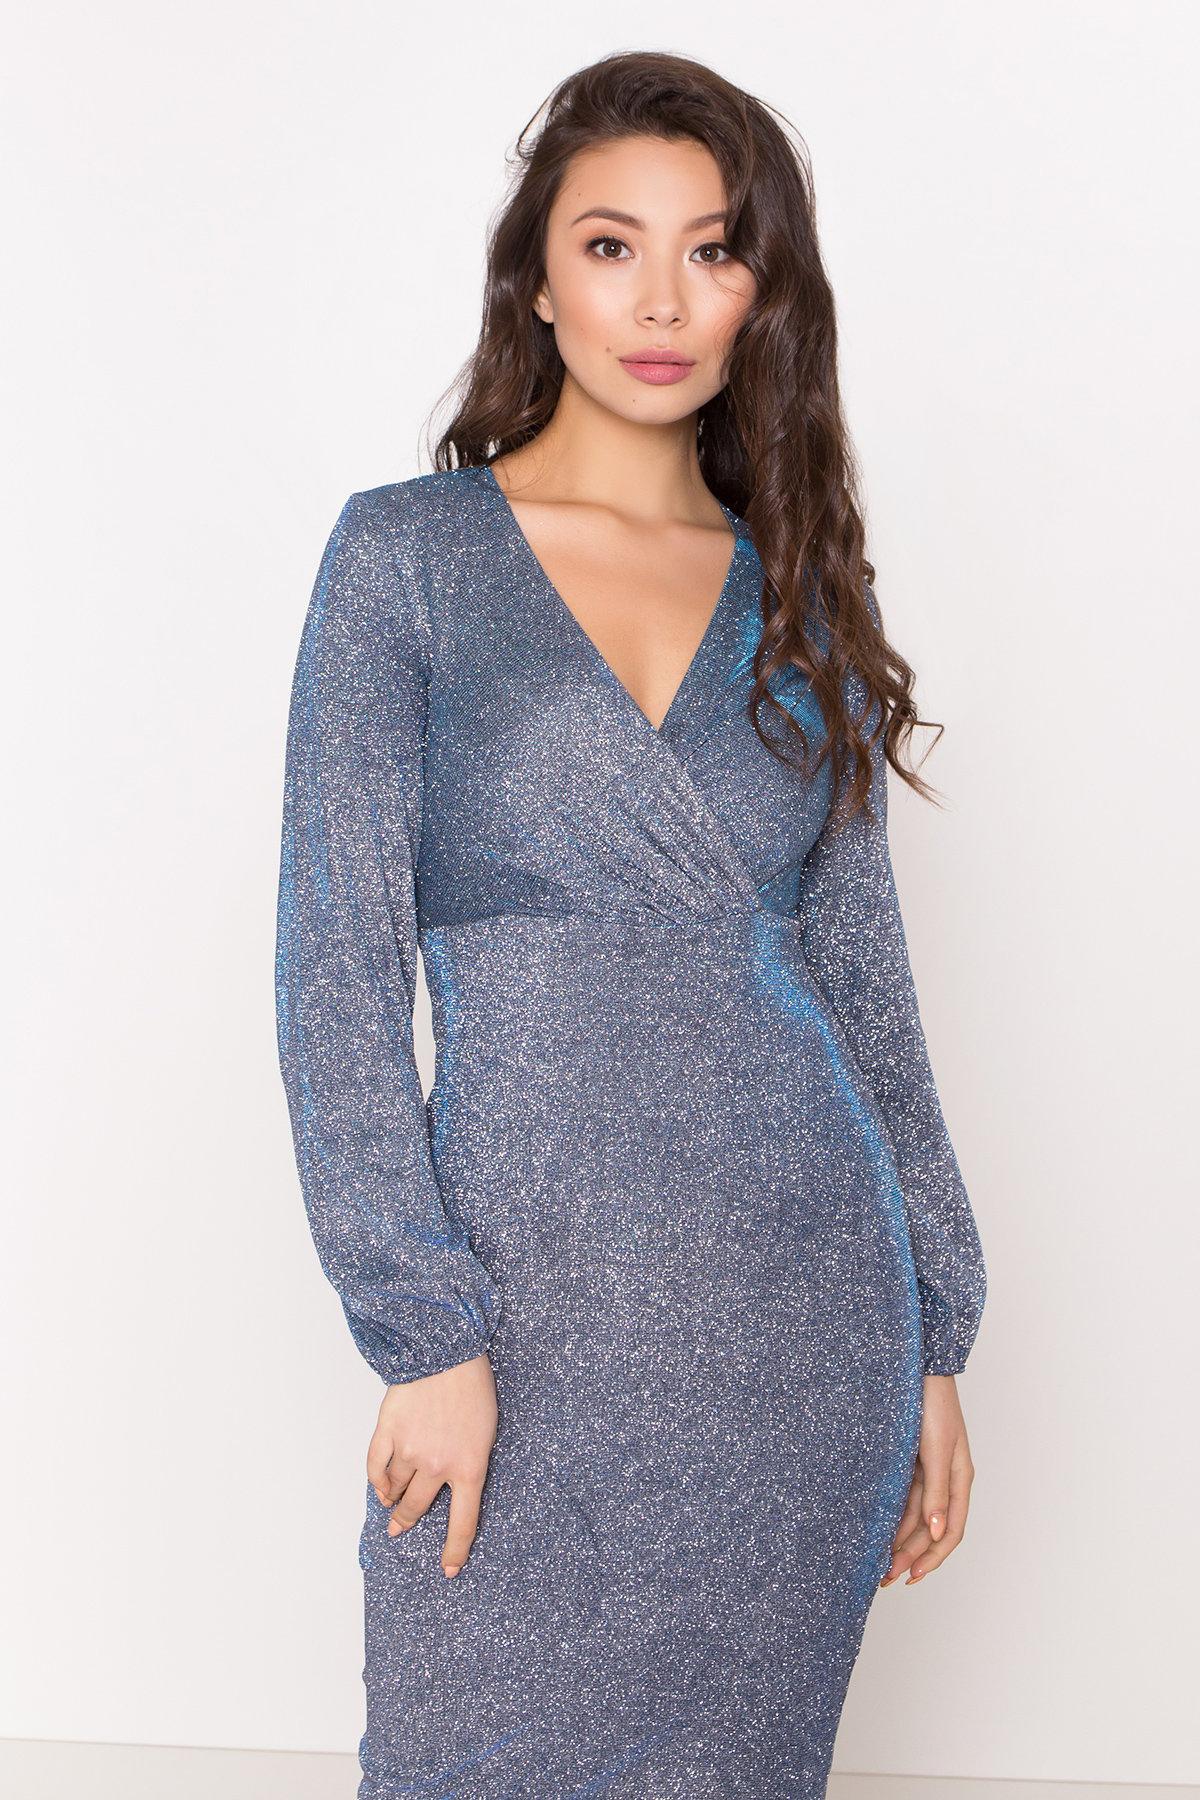 Нарядное платье с люрексом Фаселис 8527 АРТ. 45028 Цвет: Серебро/бирюза/электрик - фото 3, интернет магазин tm-modus.ru